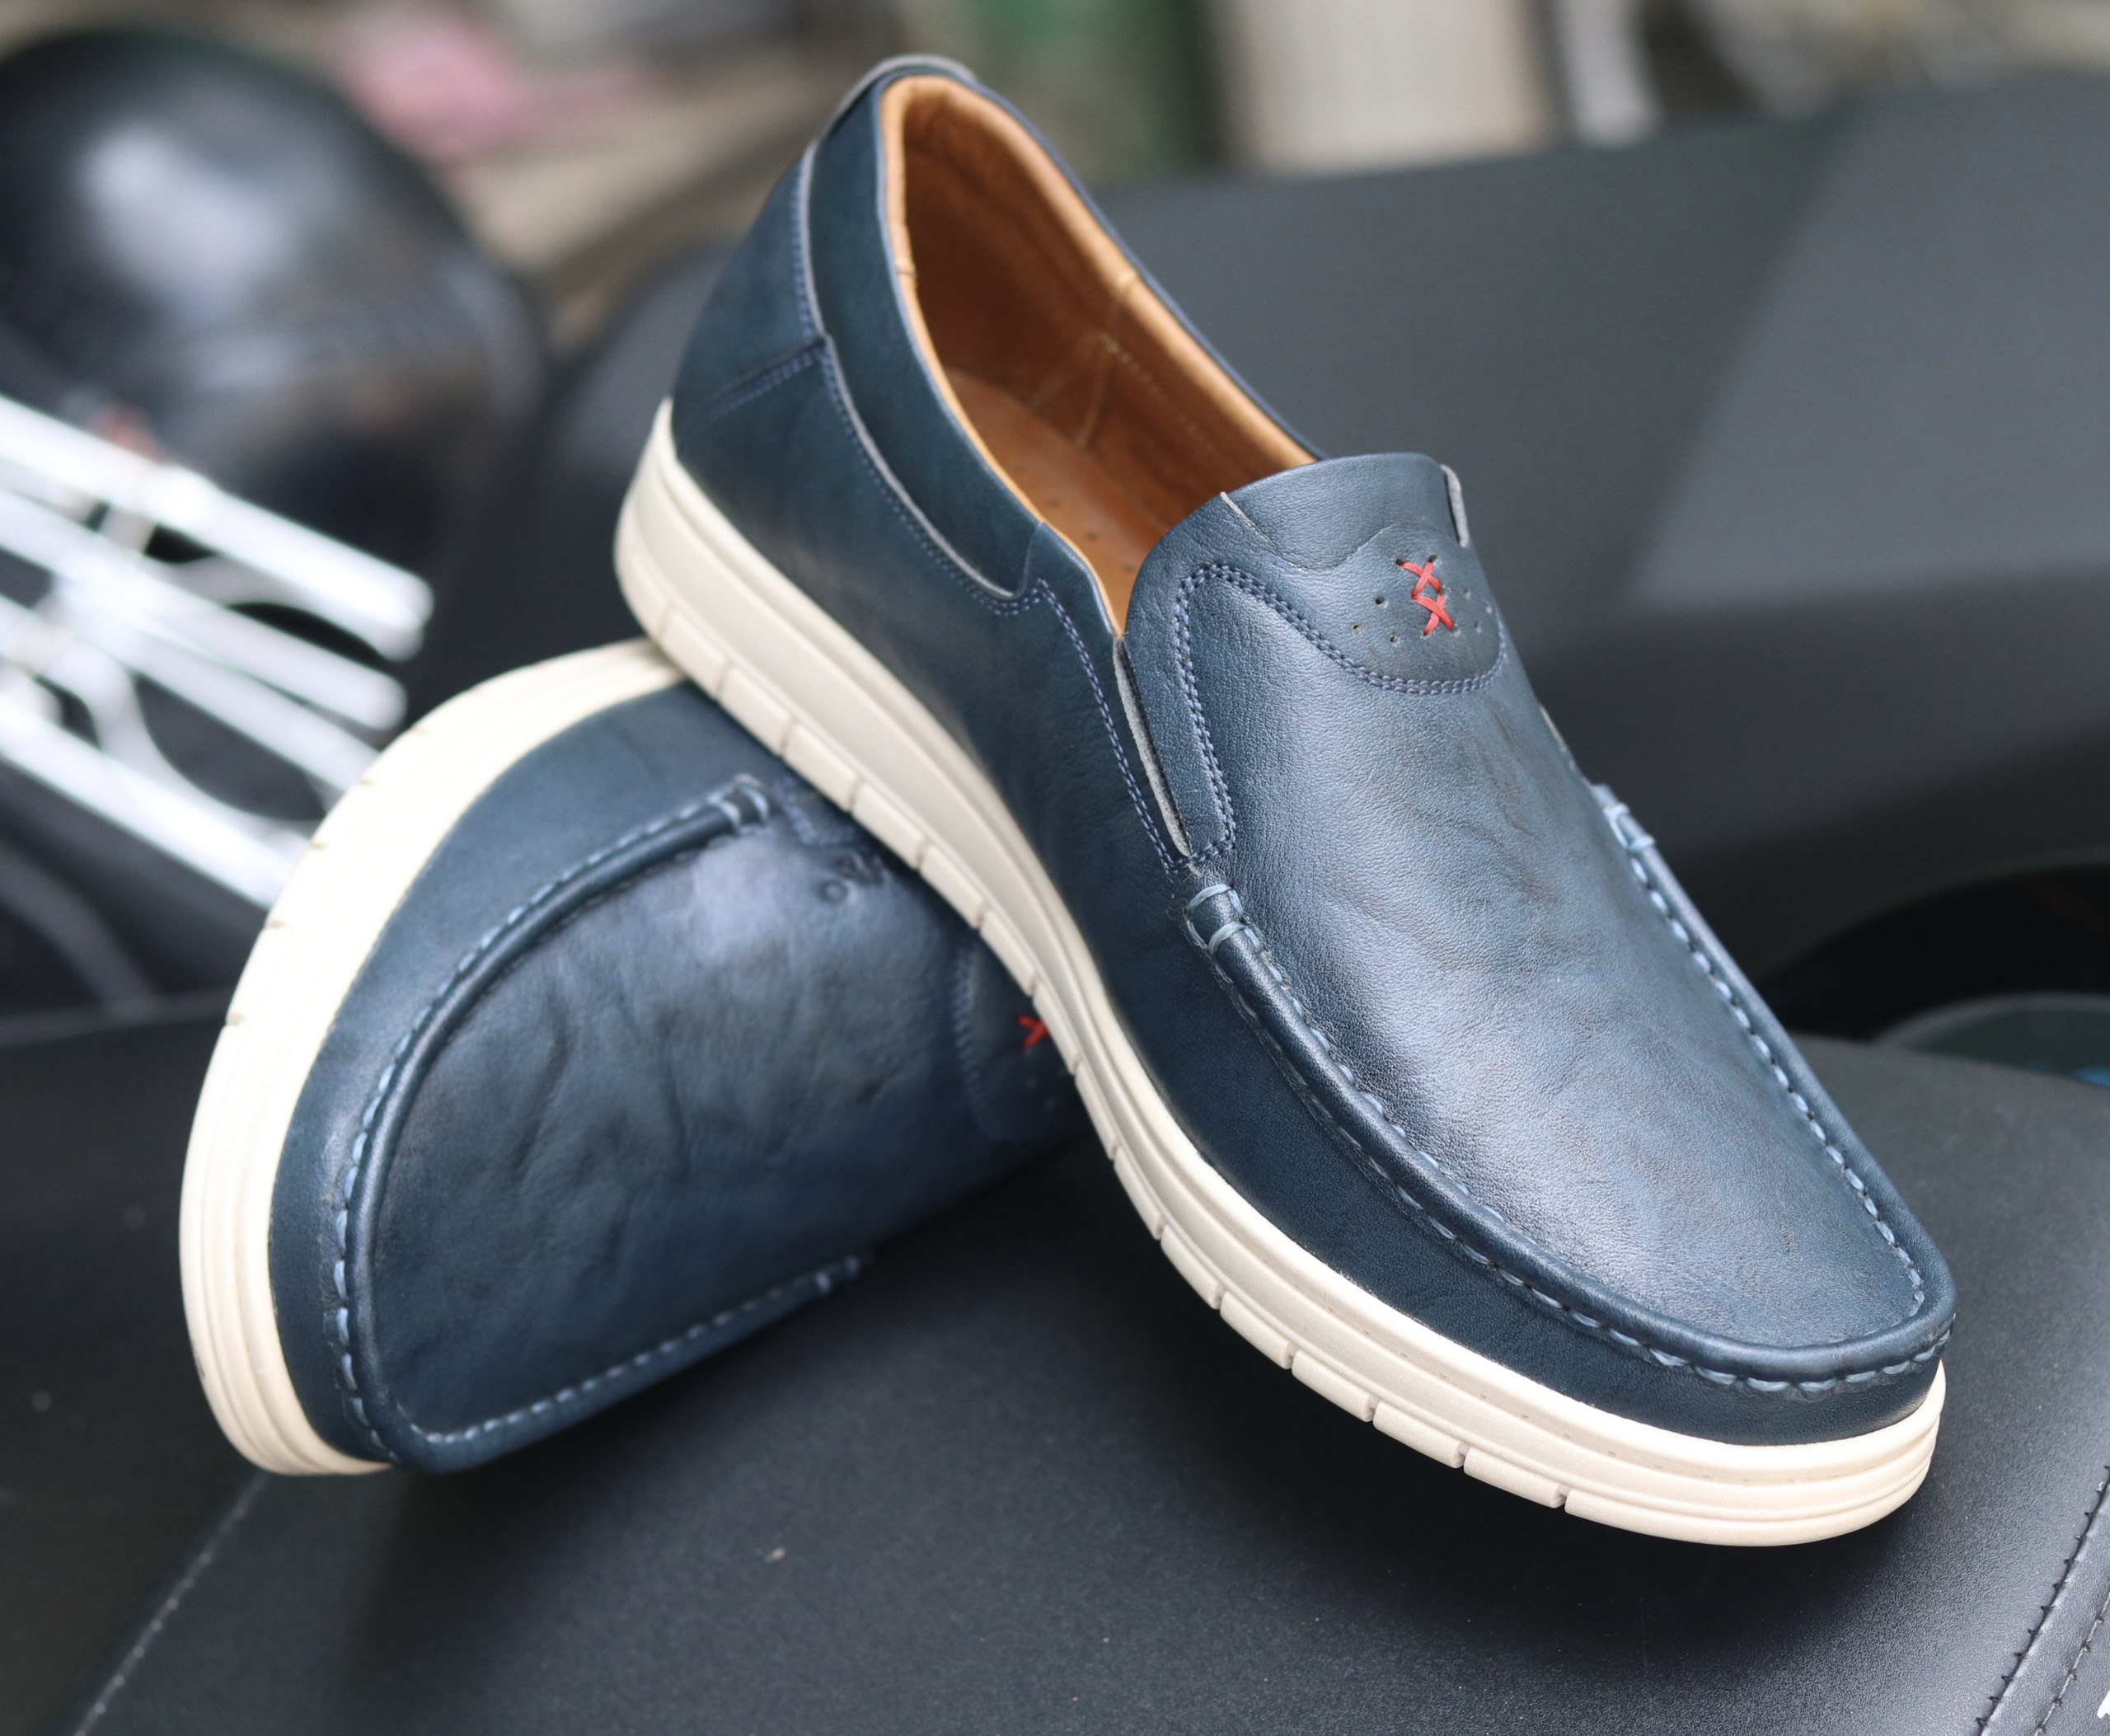 Giày lười da Thái Lan đẹp sang trọng TH04 (Ảnh 2)